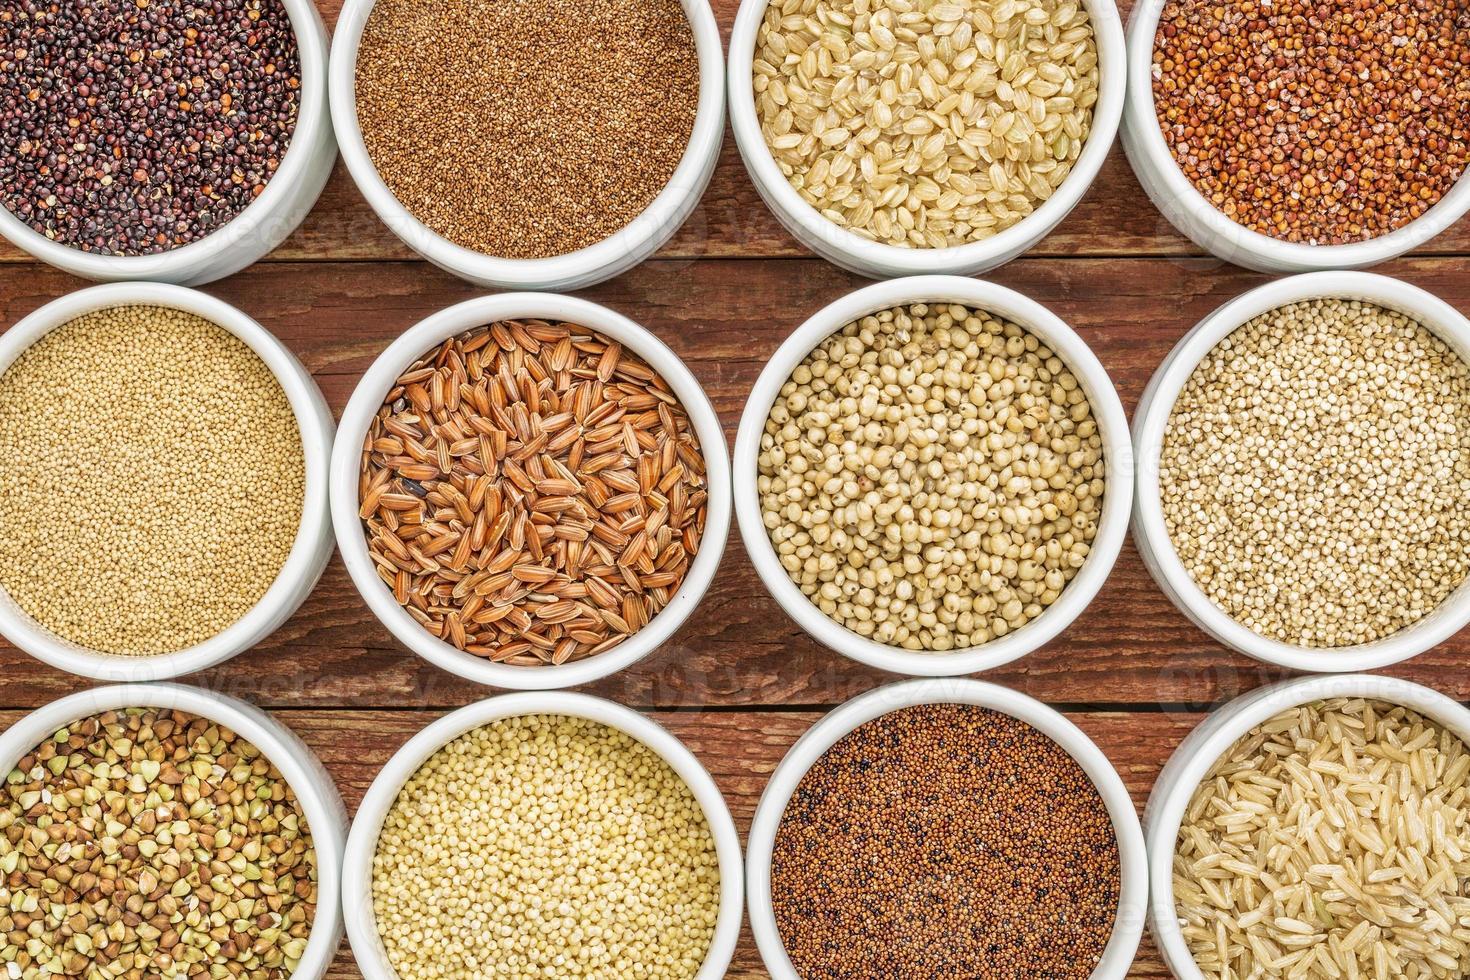 estratto di cereali sani e senza glutine foto